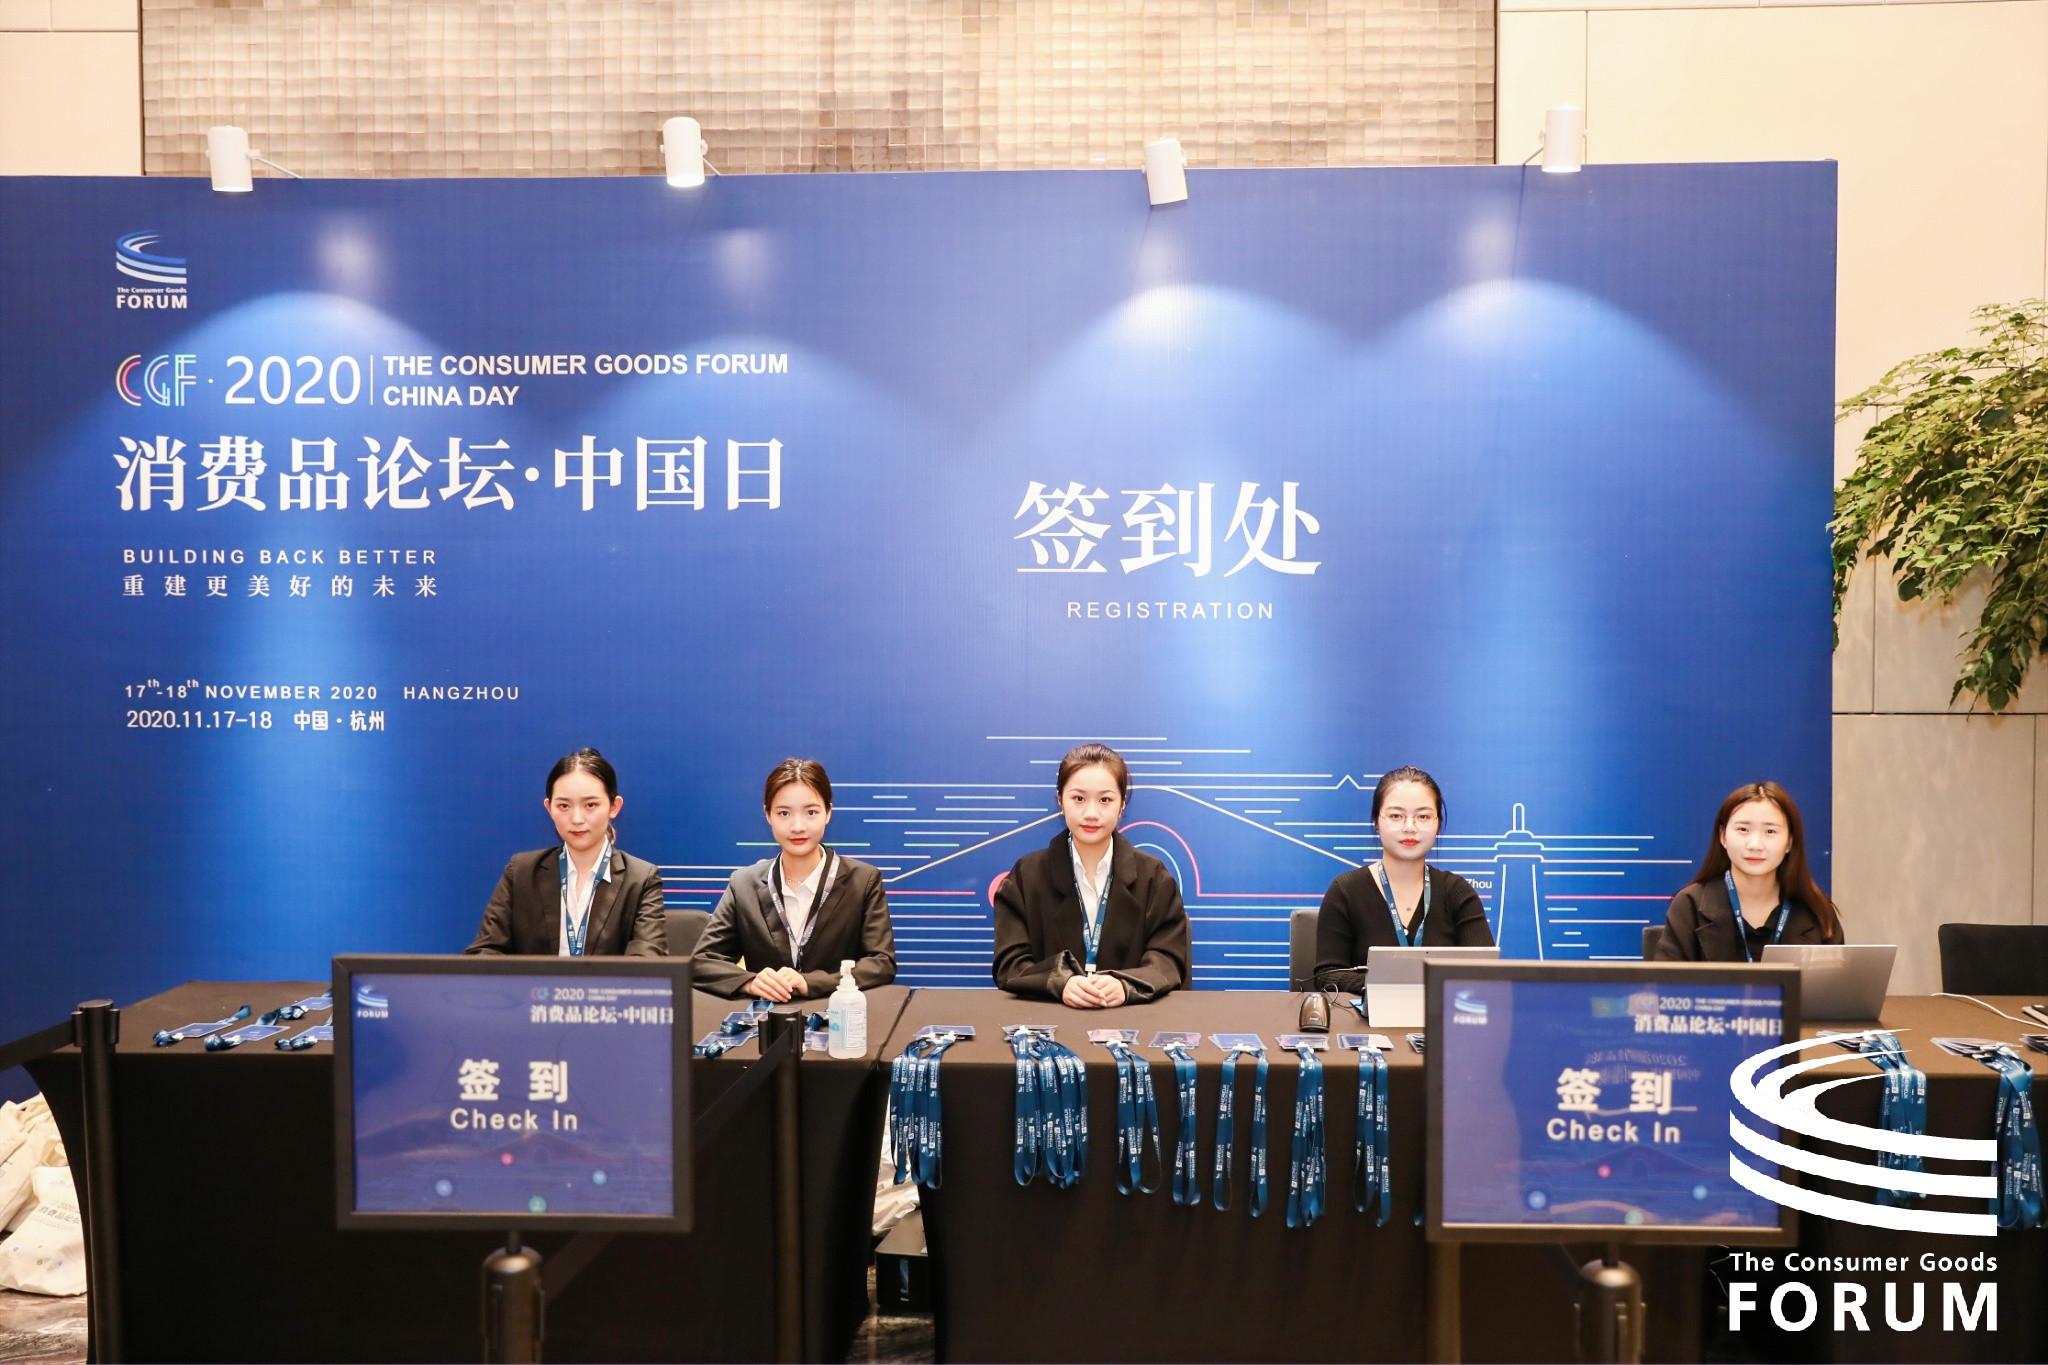 2020第三届消费品论坛(CGF)中国日-20